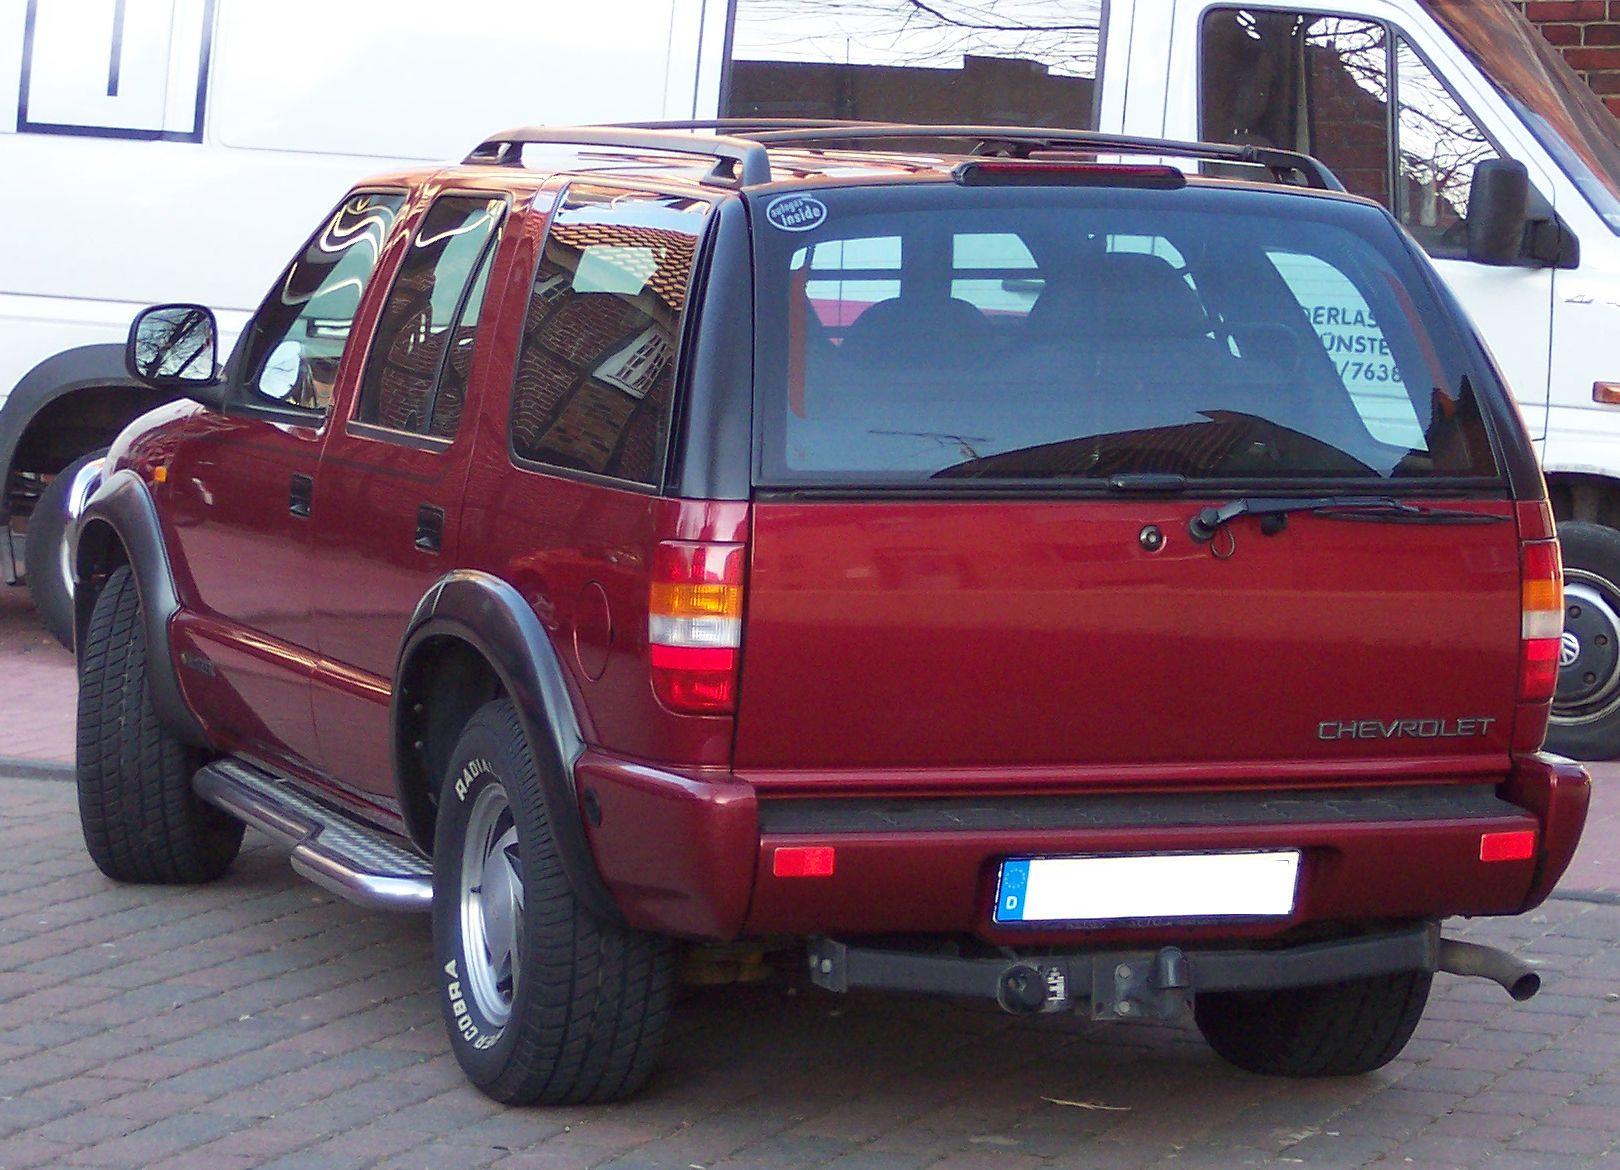 File:Chevrolet Blazer hl red.jpg - Wikimedia Commons